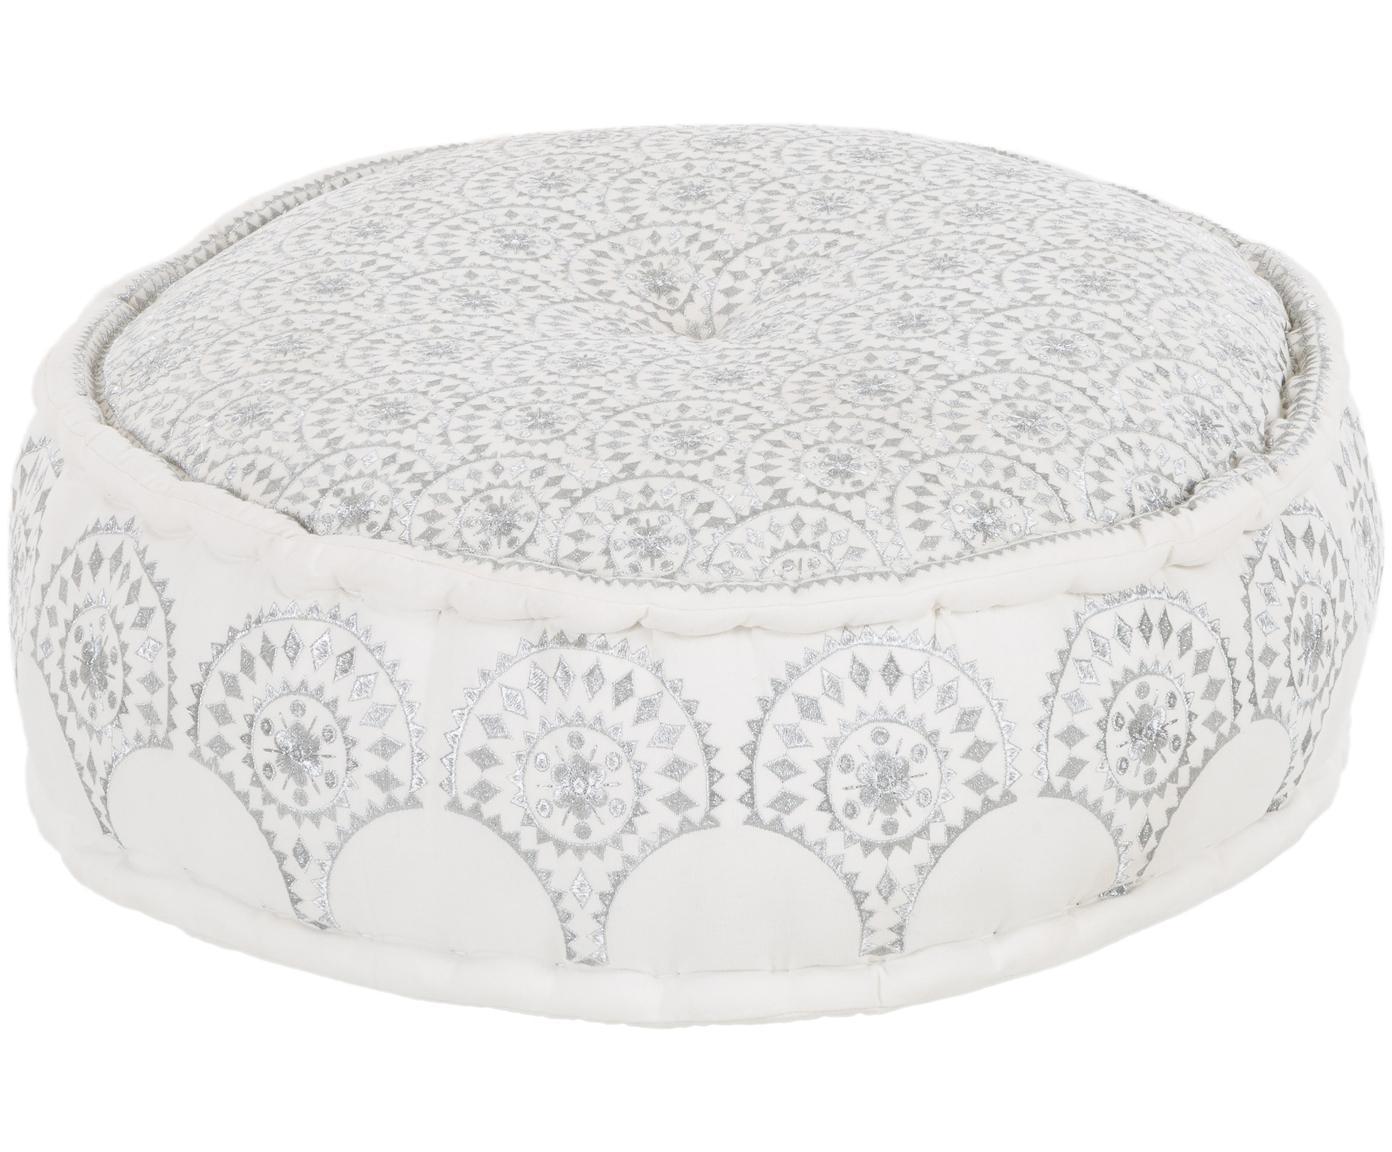 Cuscino da pavimento rotondo Casablanca, Rivestimento: 100% tela di cotone solid, Bianco, argento, Ø 60 cm x Alt. 25 cm